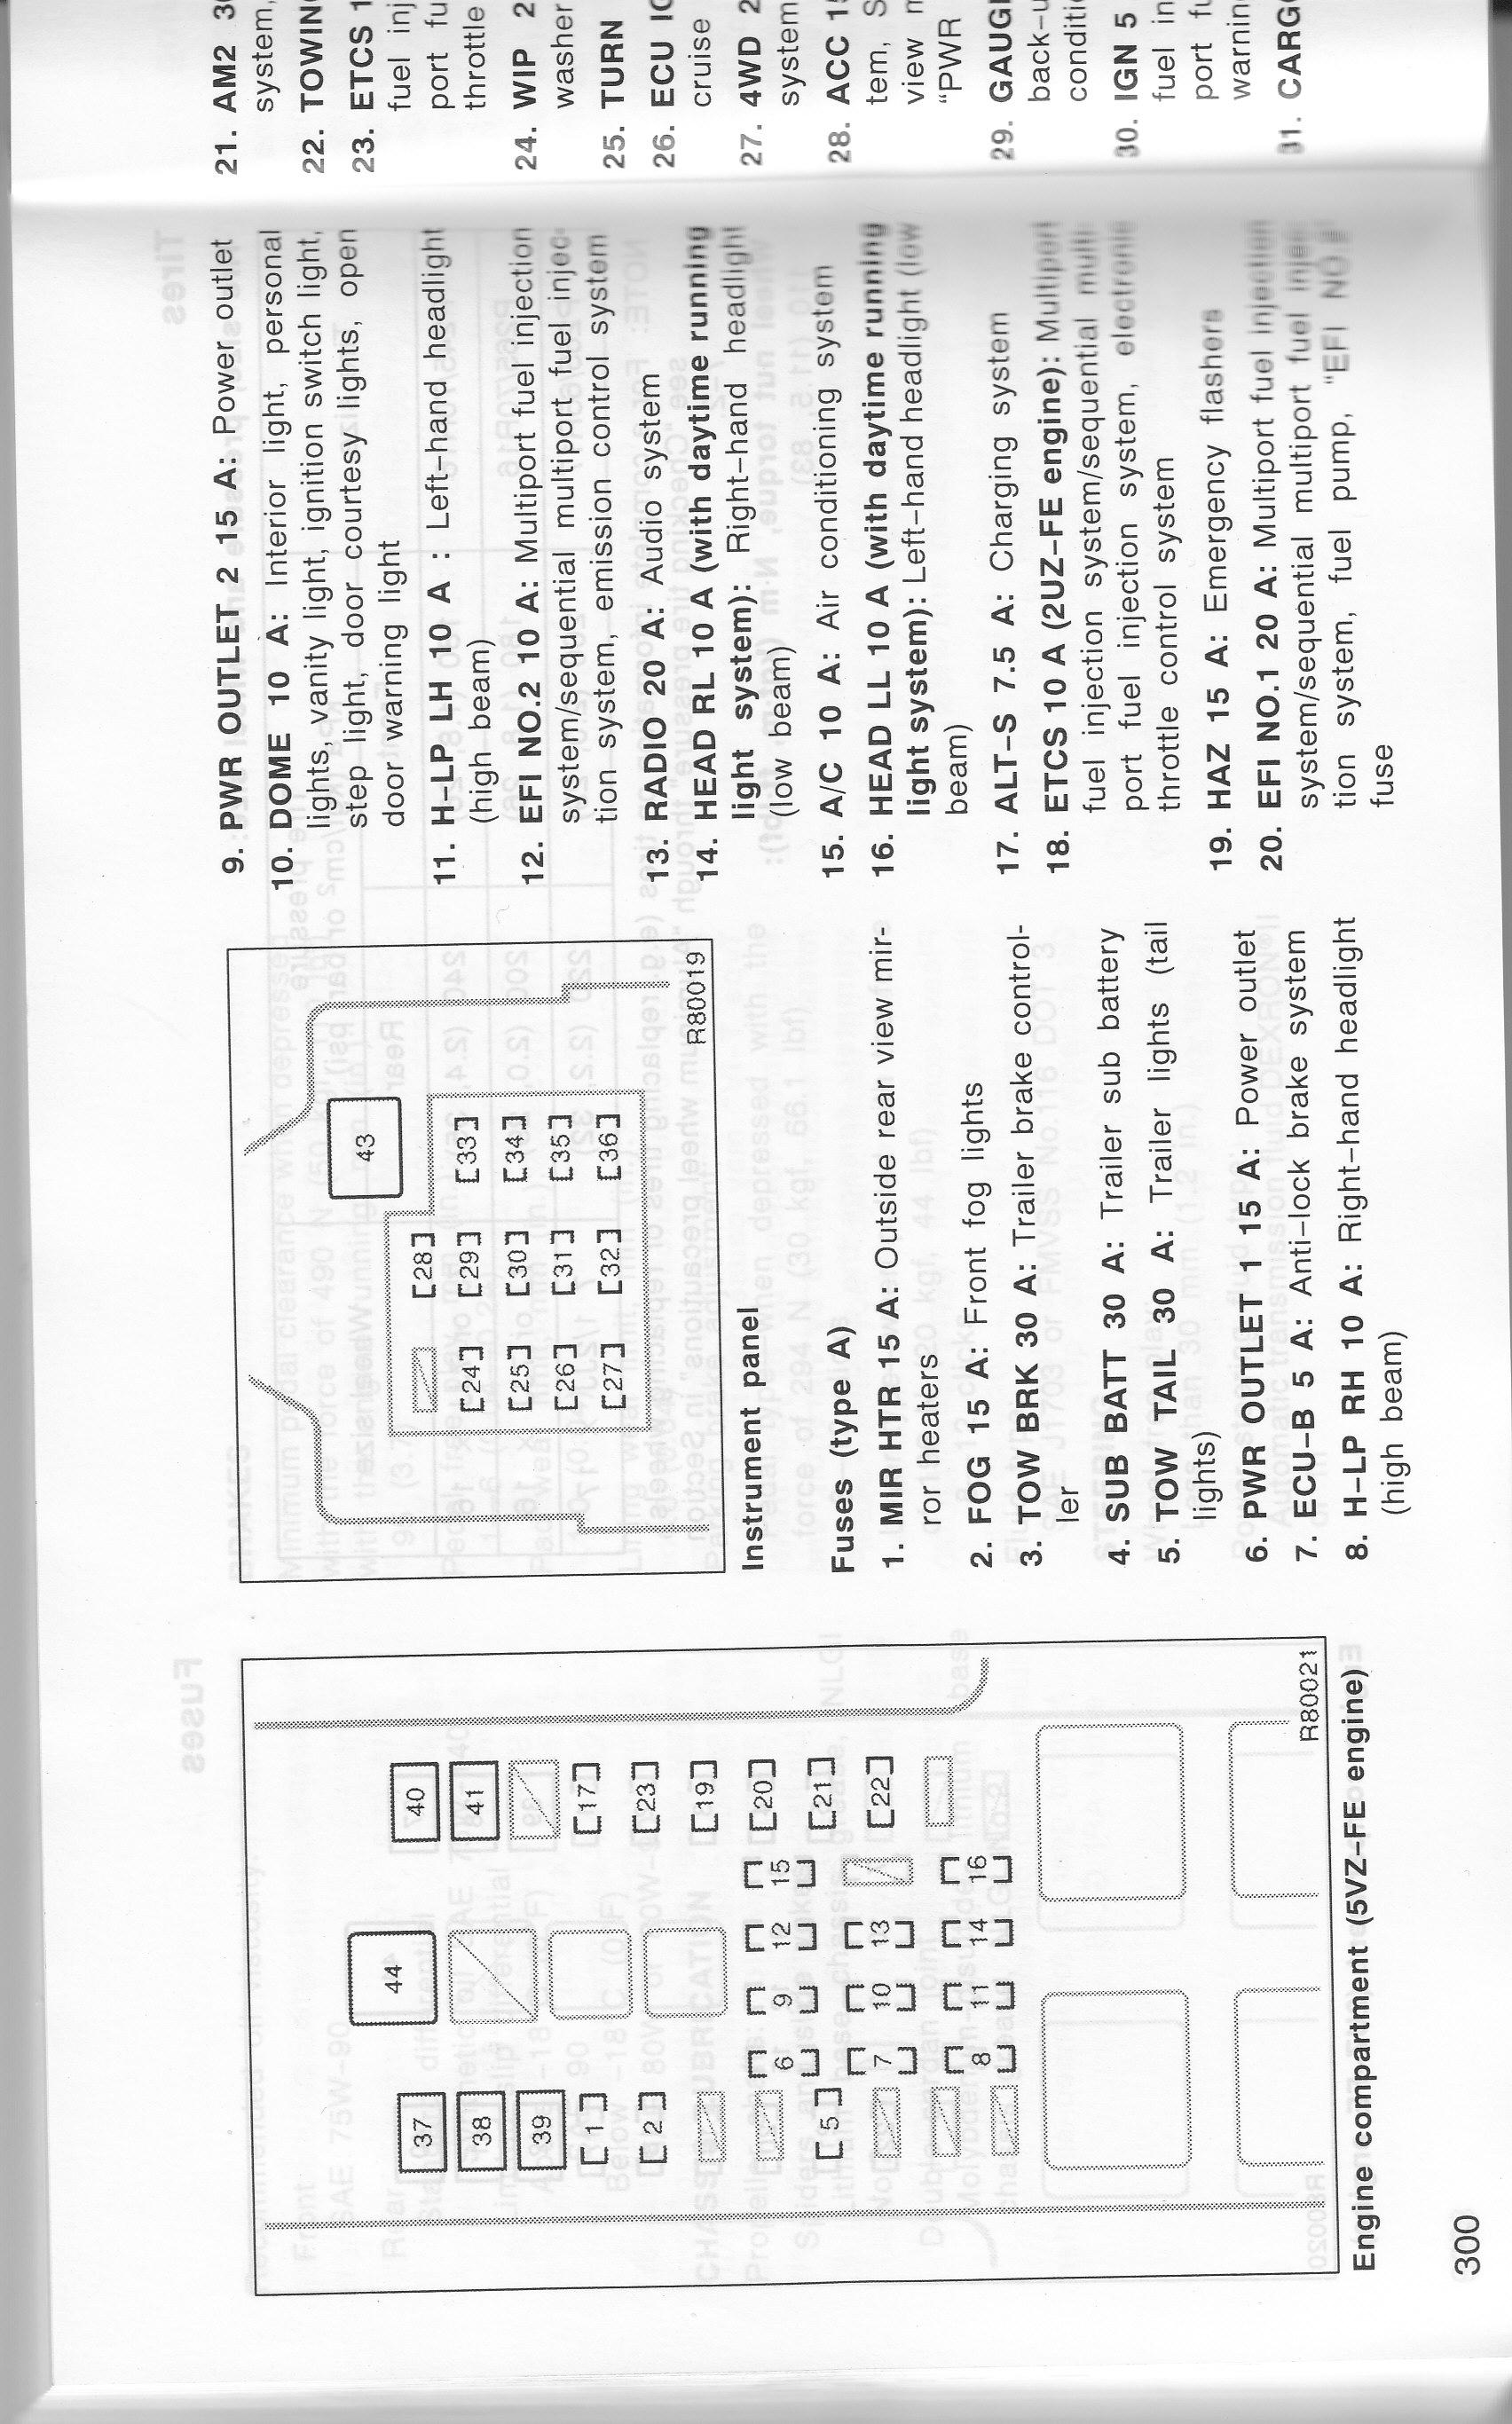 2005 toyota sequoia fuse diagram em 9757  04 tundra interior fuse panel diagram  04 tundra interior fuse panel diagram